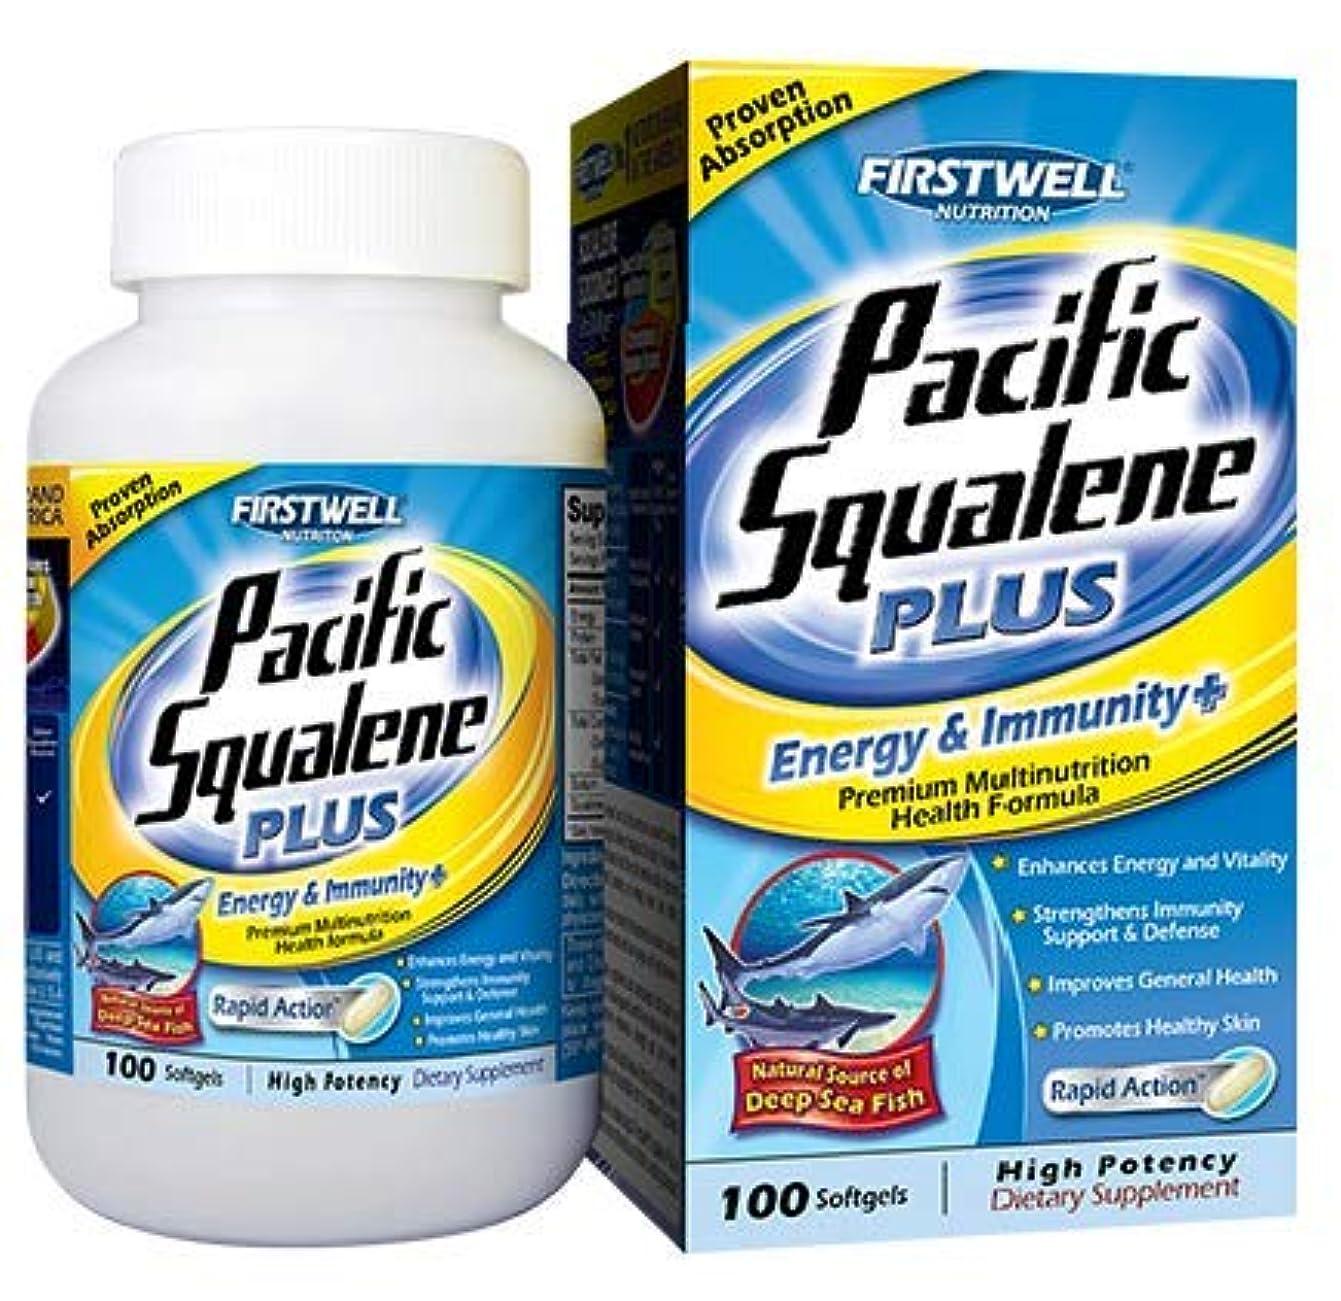 人種ガイドラインクラウンFIRSTWELL Pacific Squalene 100'S 太平洋スクアレン